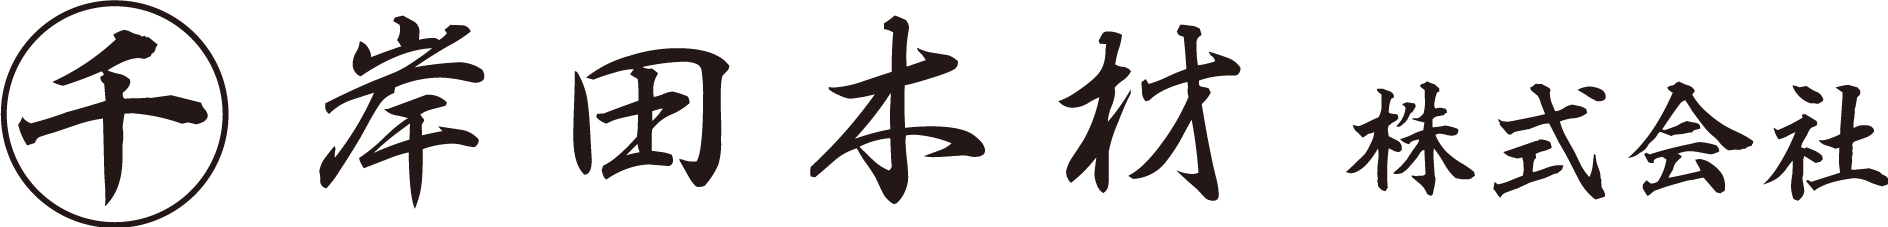 岸田木材 株式会社 / 株式会社 岸田